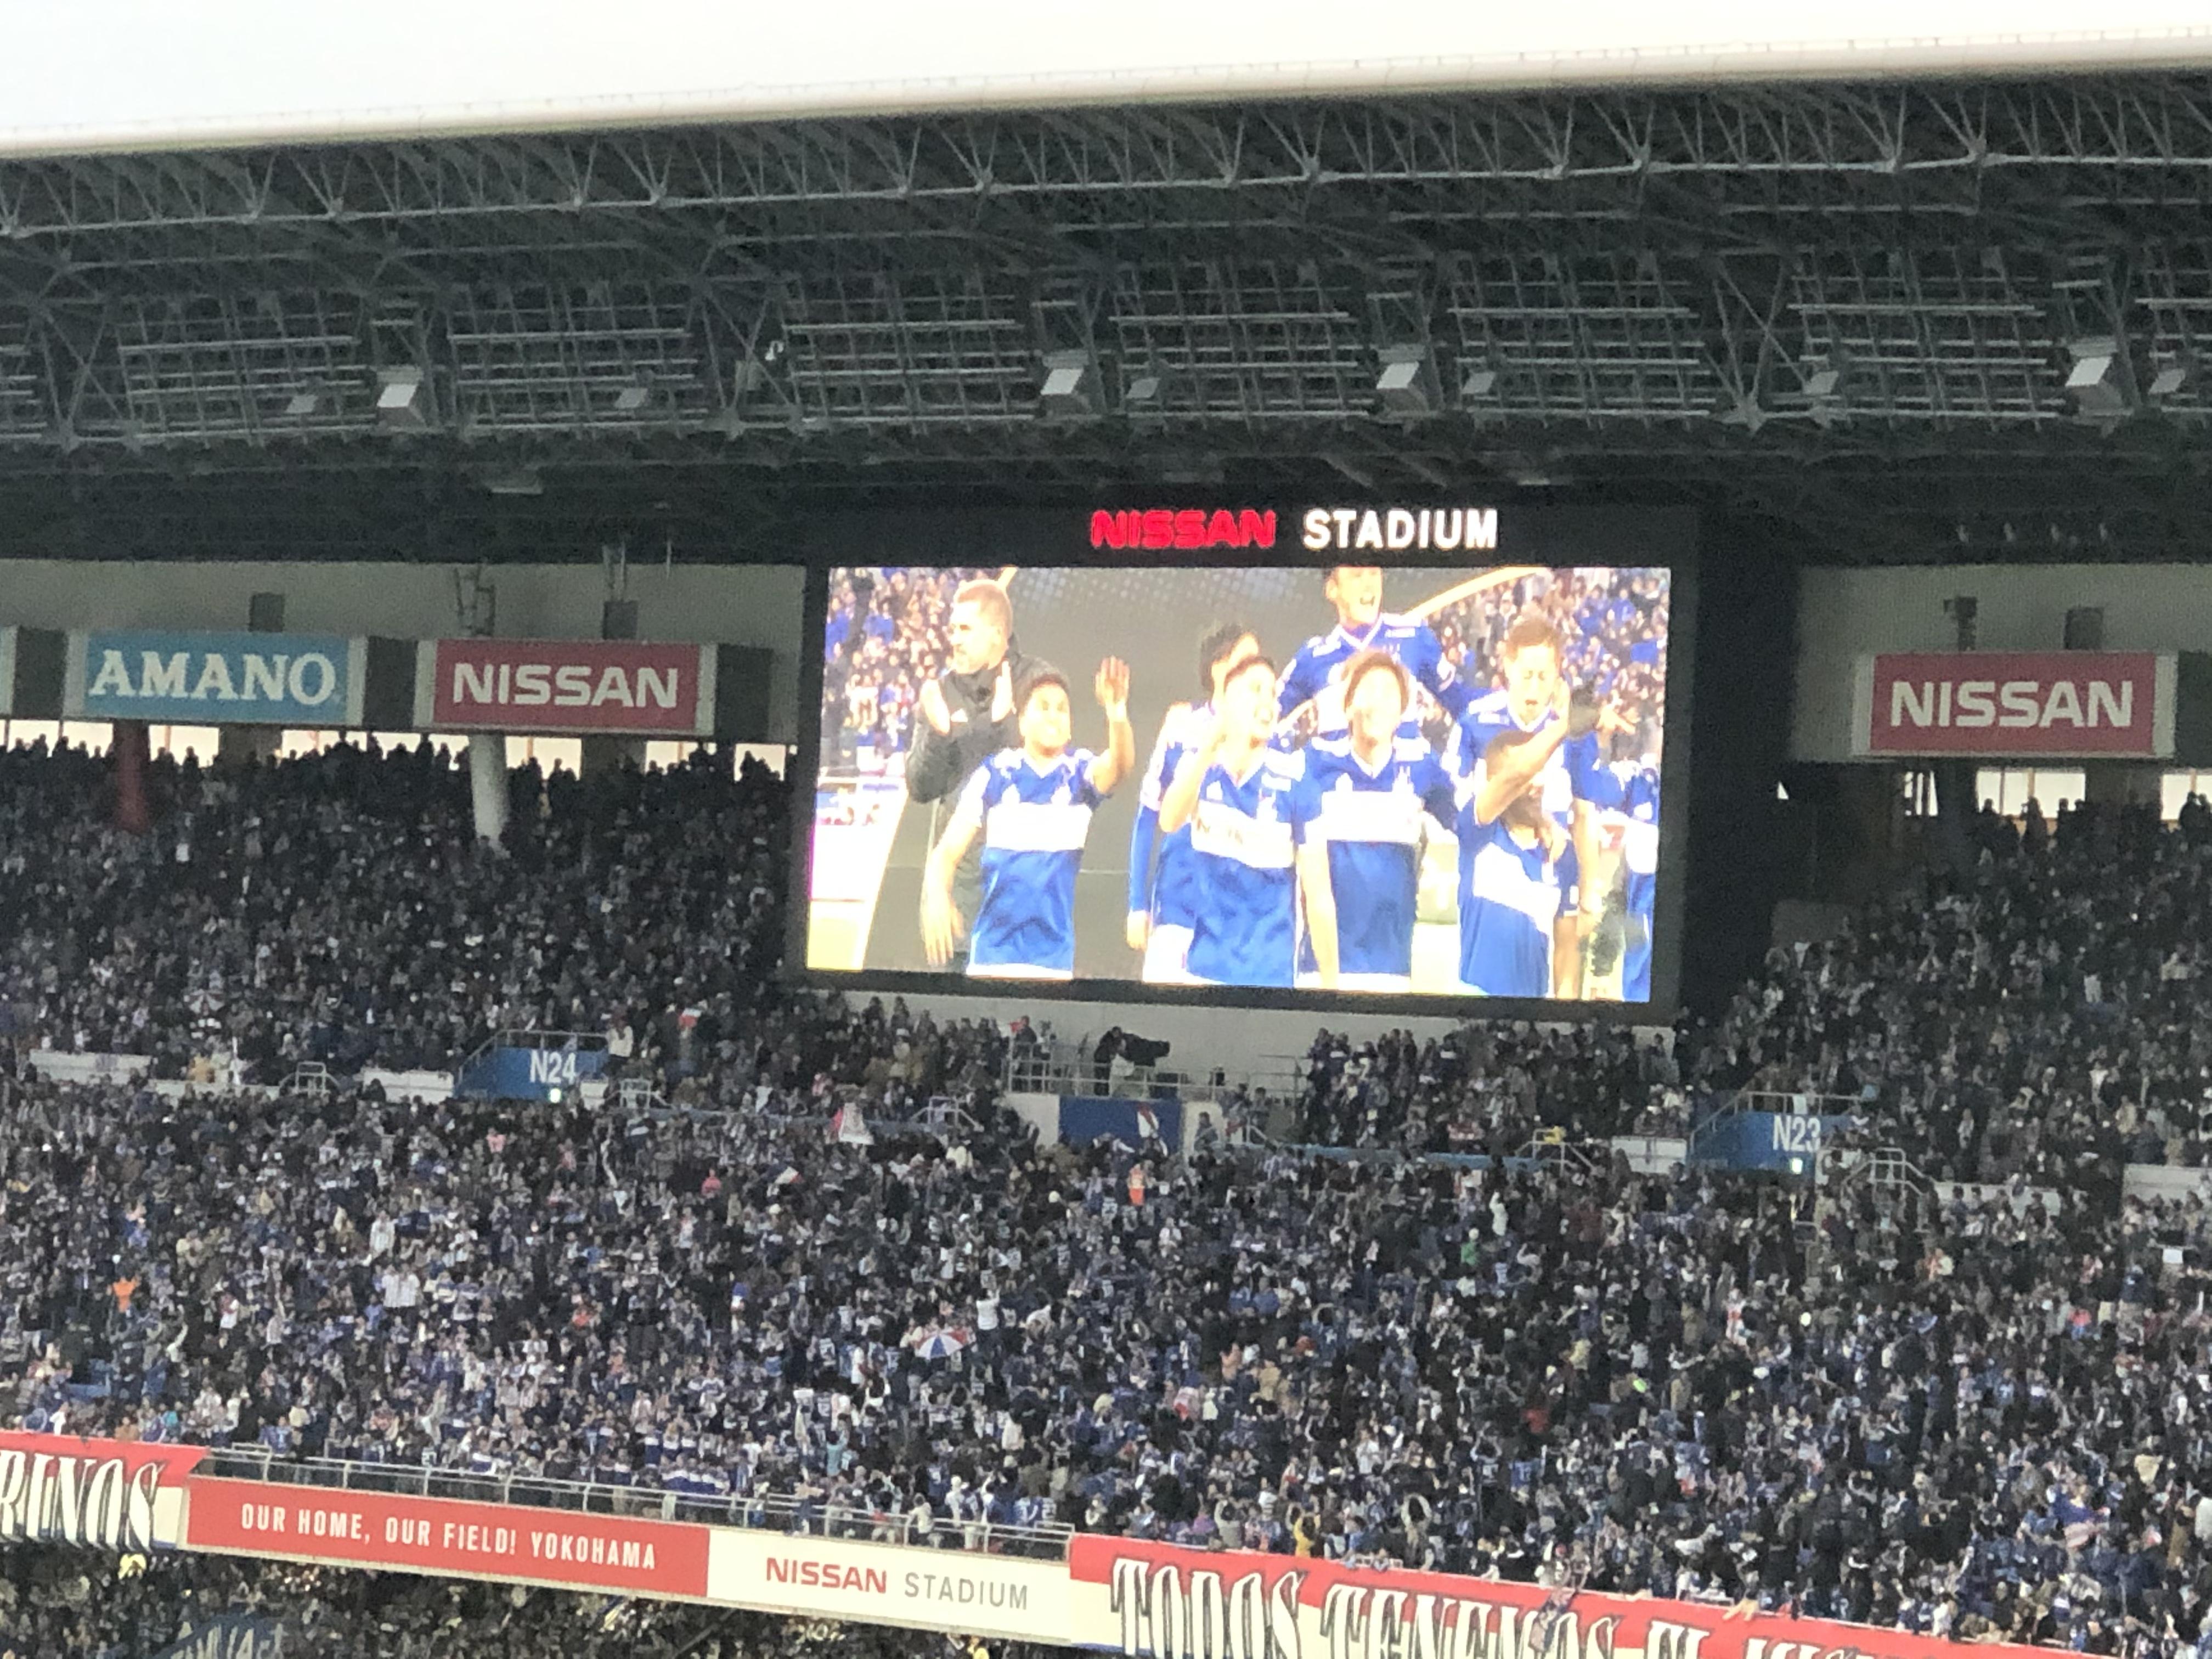 4歳の娘と日産スタジアムで横浜Fマリノスの優勝を観てきました!